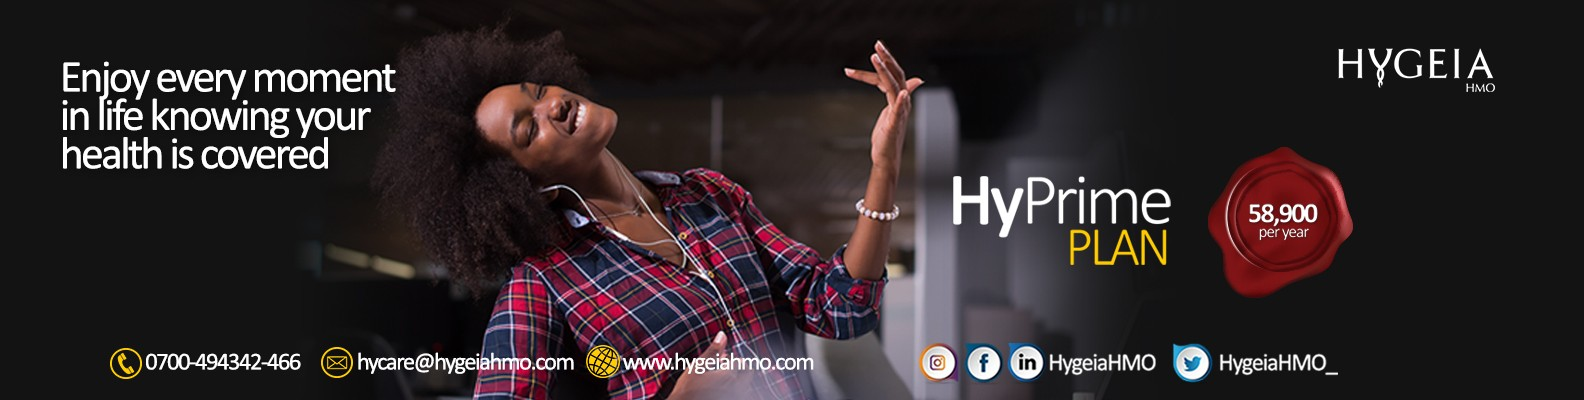 Hygeia HMO | LinkedIn